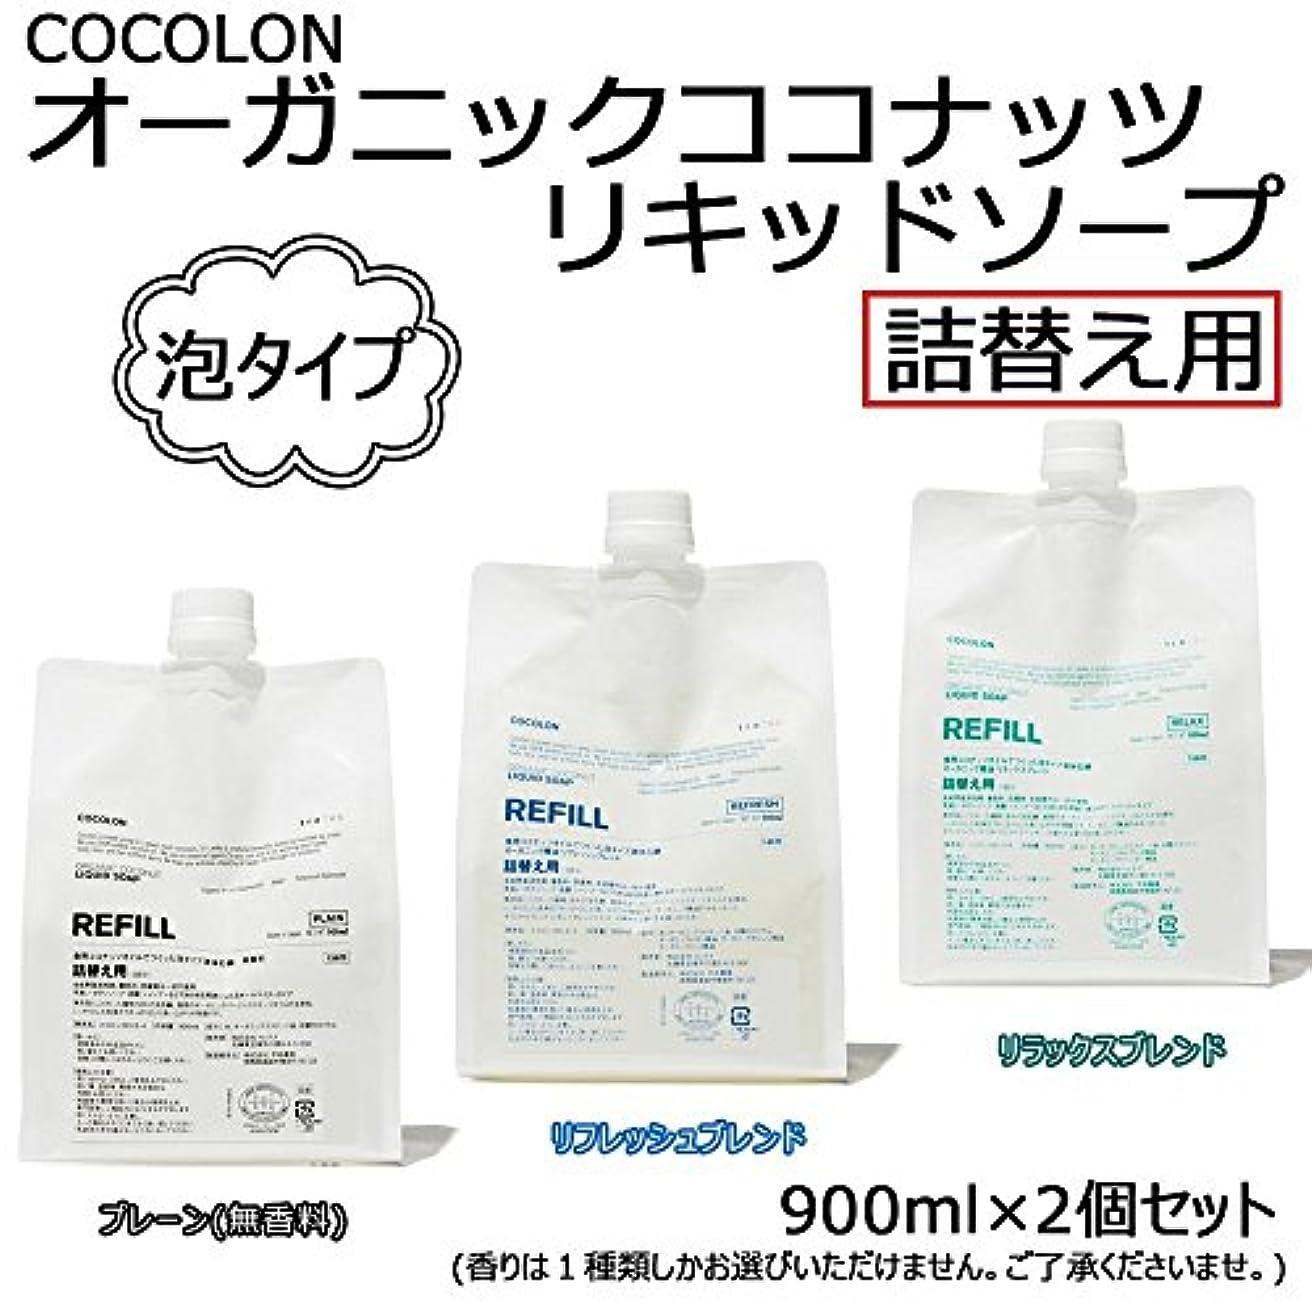 平らにする器官将来のCOCOLON ココロン オーガニックココナッツリキッドソープ 泡タイプ 詰替え用 900ml 2個セット【同梱?代引不可】 ■3種類の内「プレーン(無香料)」のみです